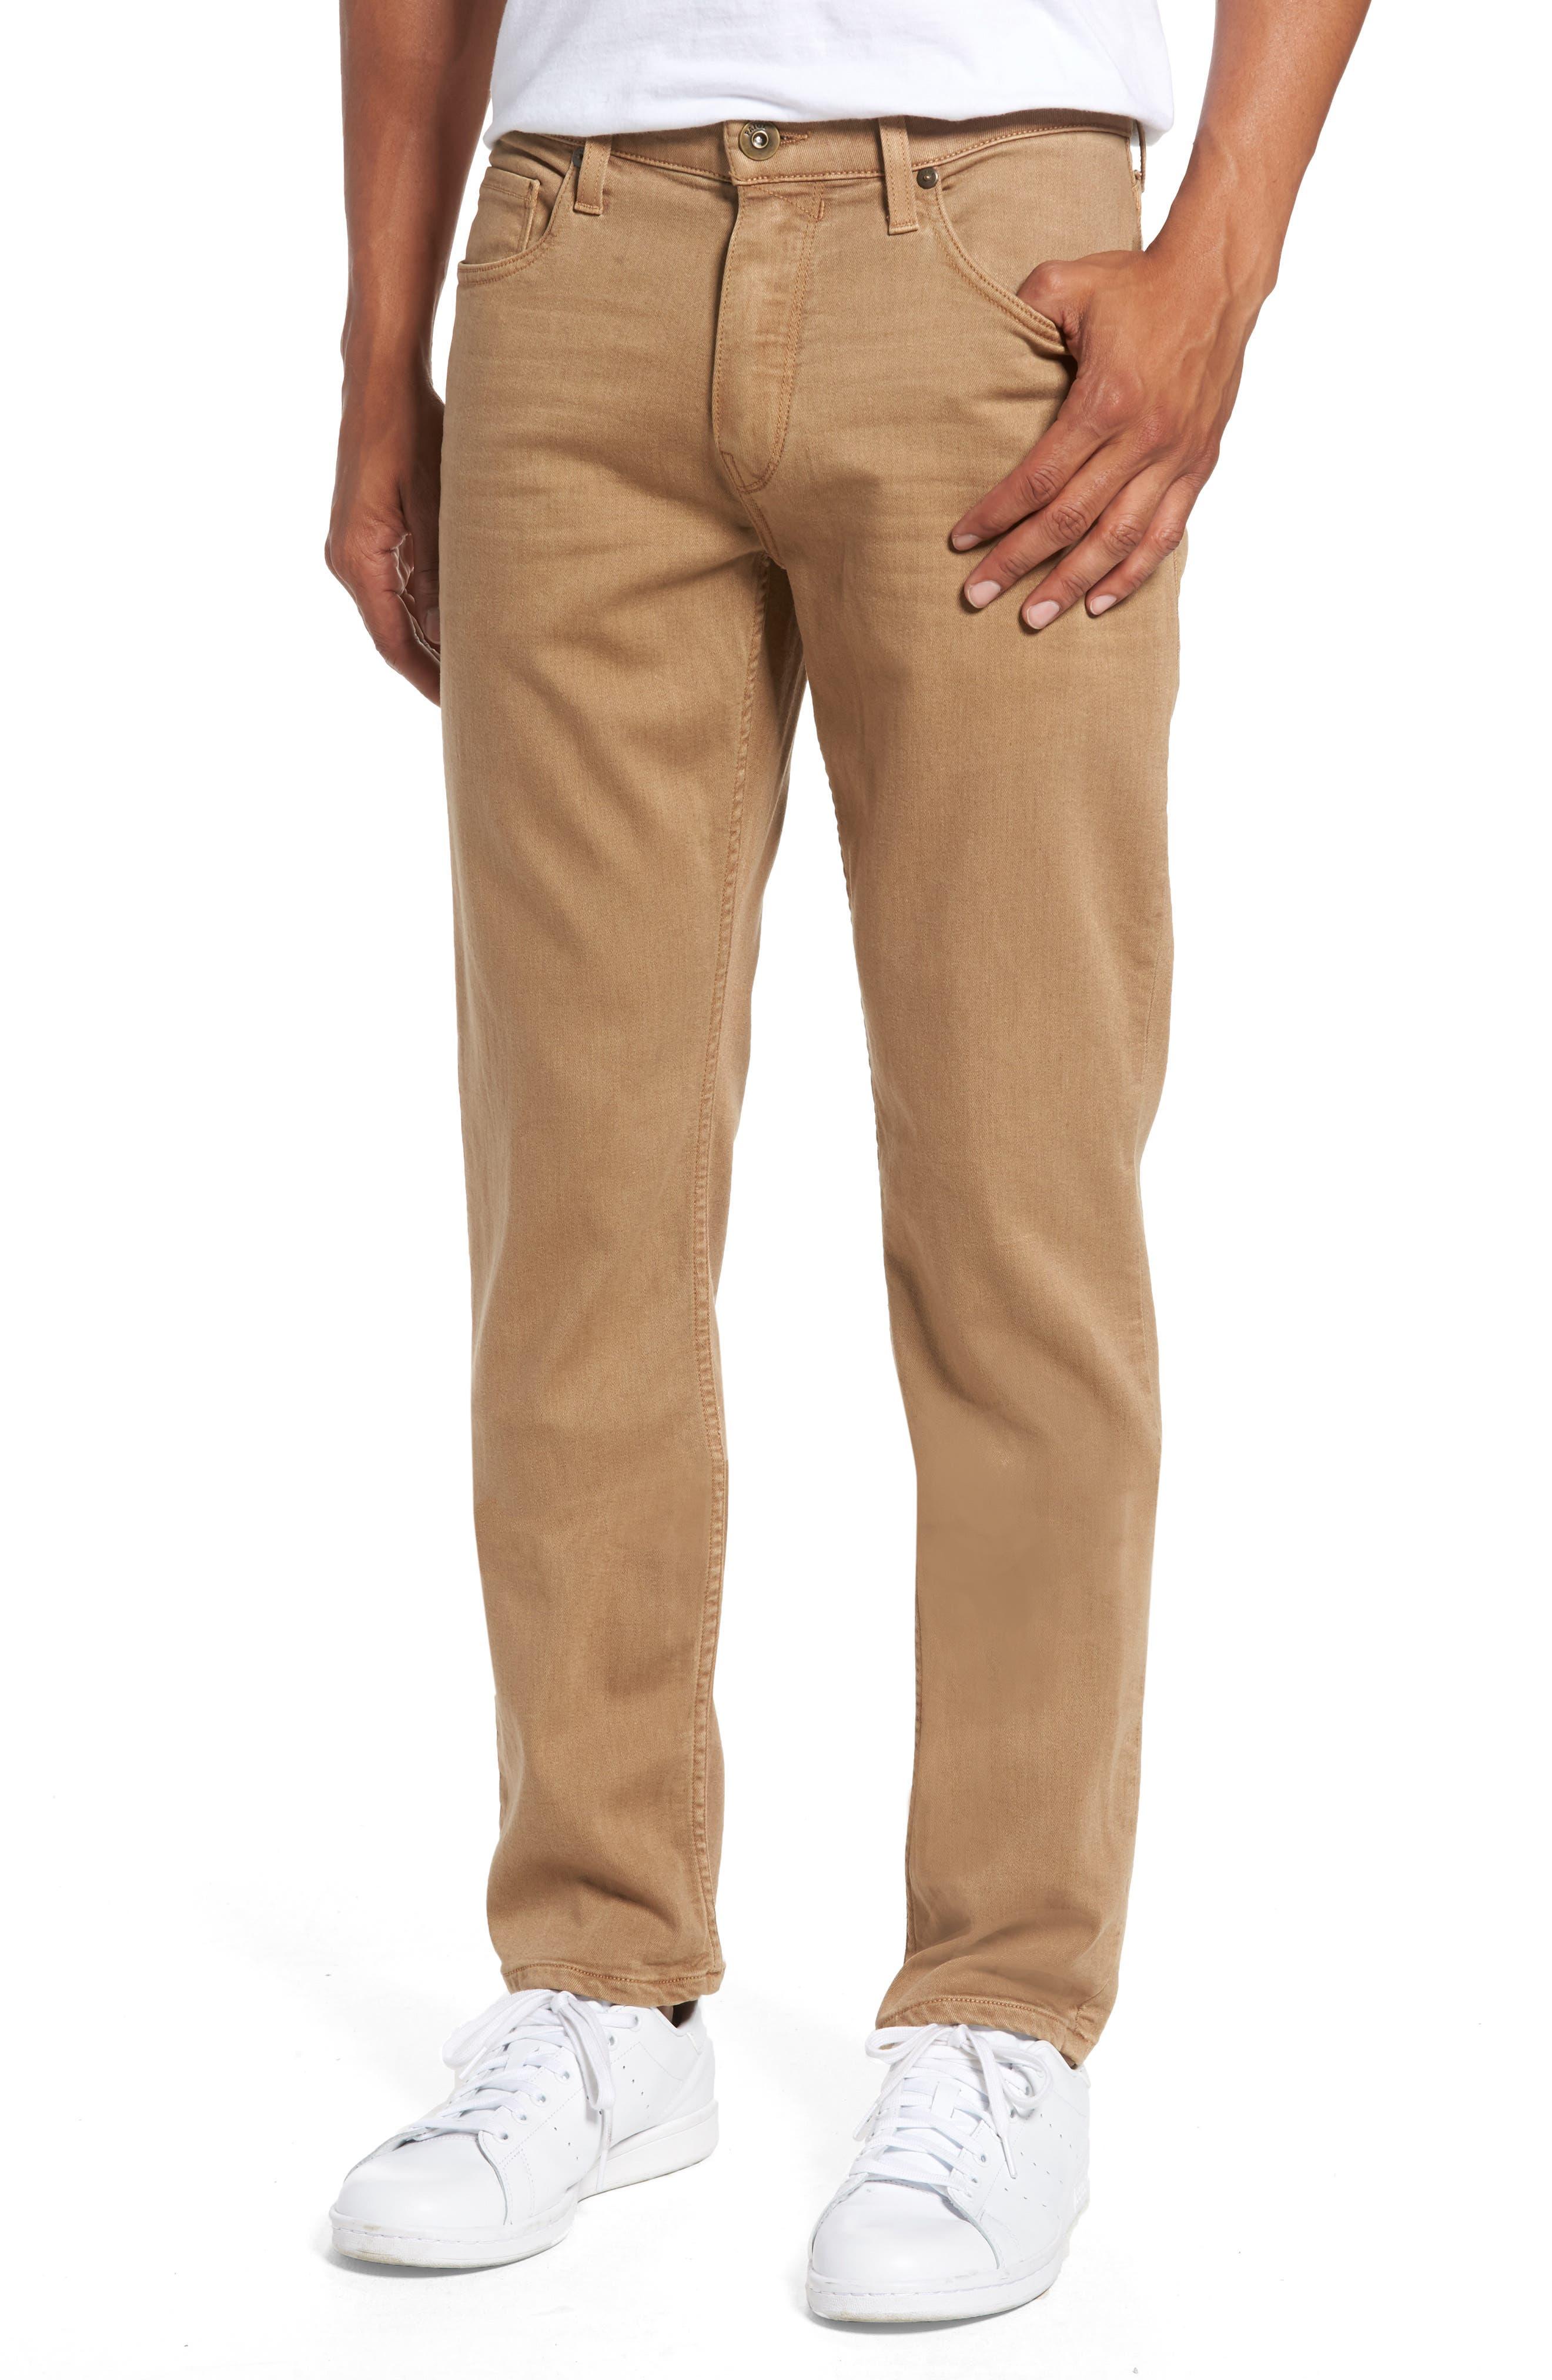 PAIGE Transcend - Federal Slim Straight Fit Jeans (Vintage Dark Camel)